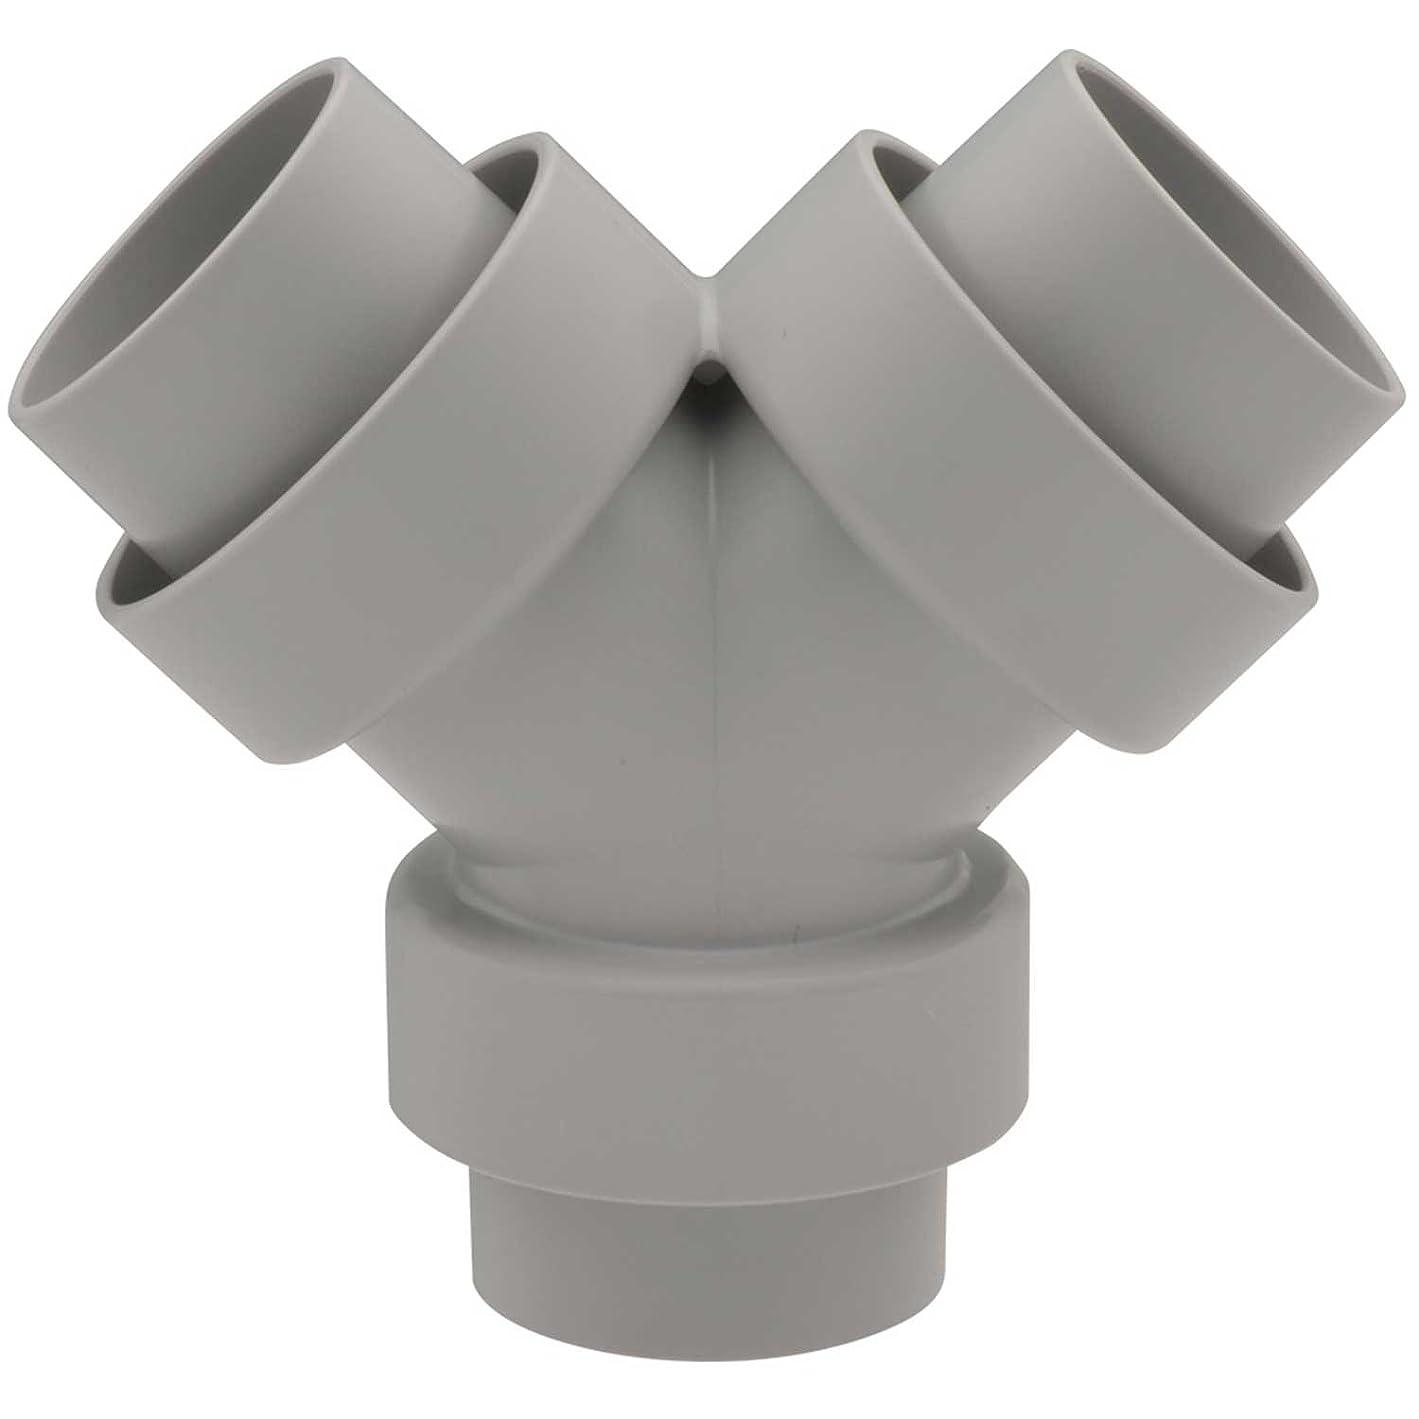 低い失う奨励しますカクダイ 排水ホースY 対応品種 カクダイ品番 4550用 4560-5